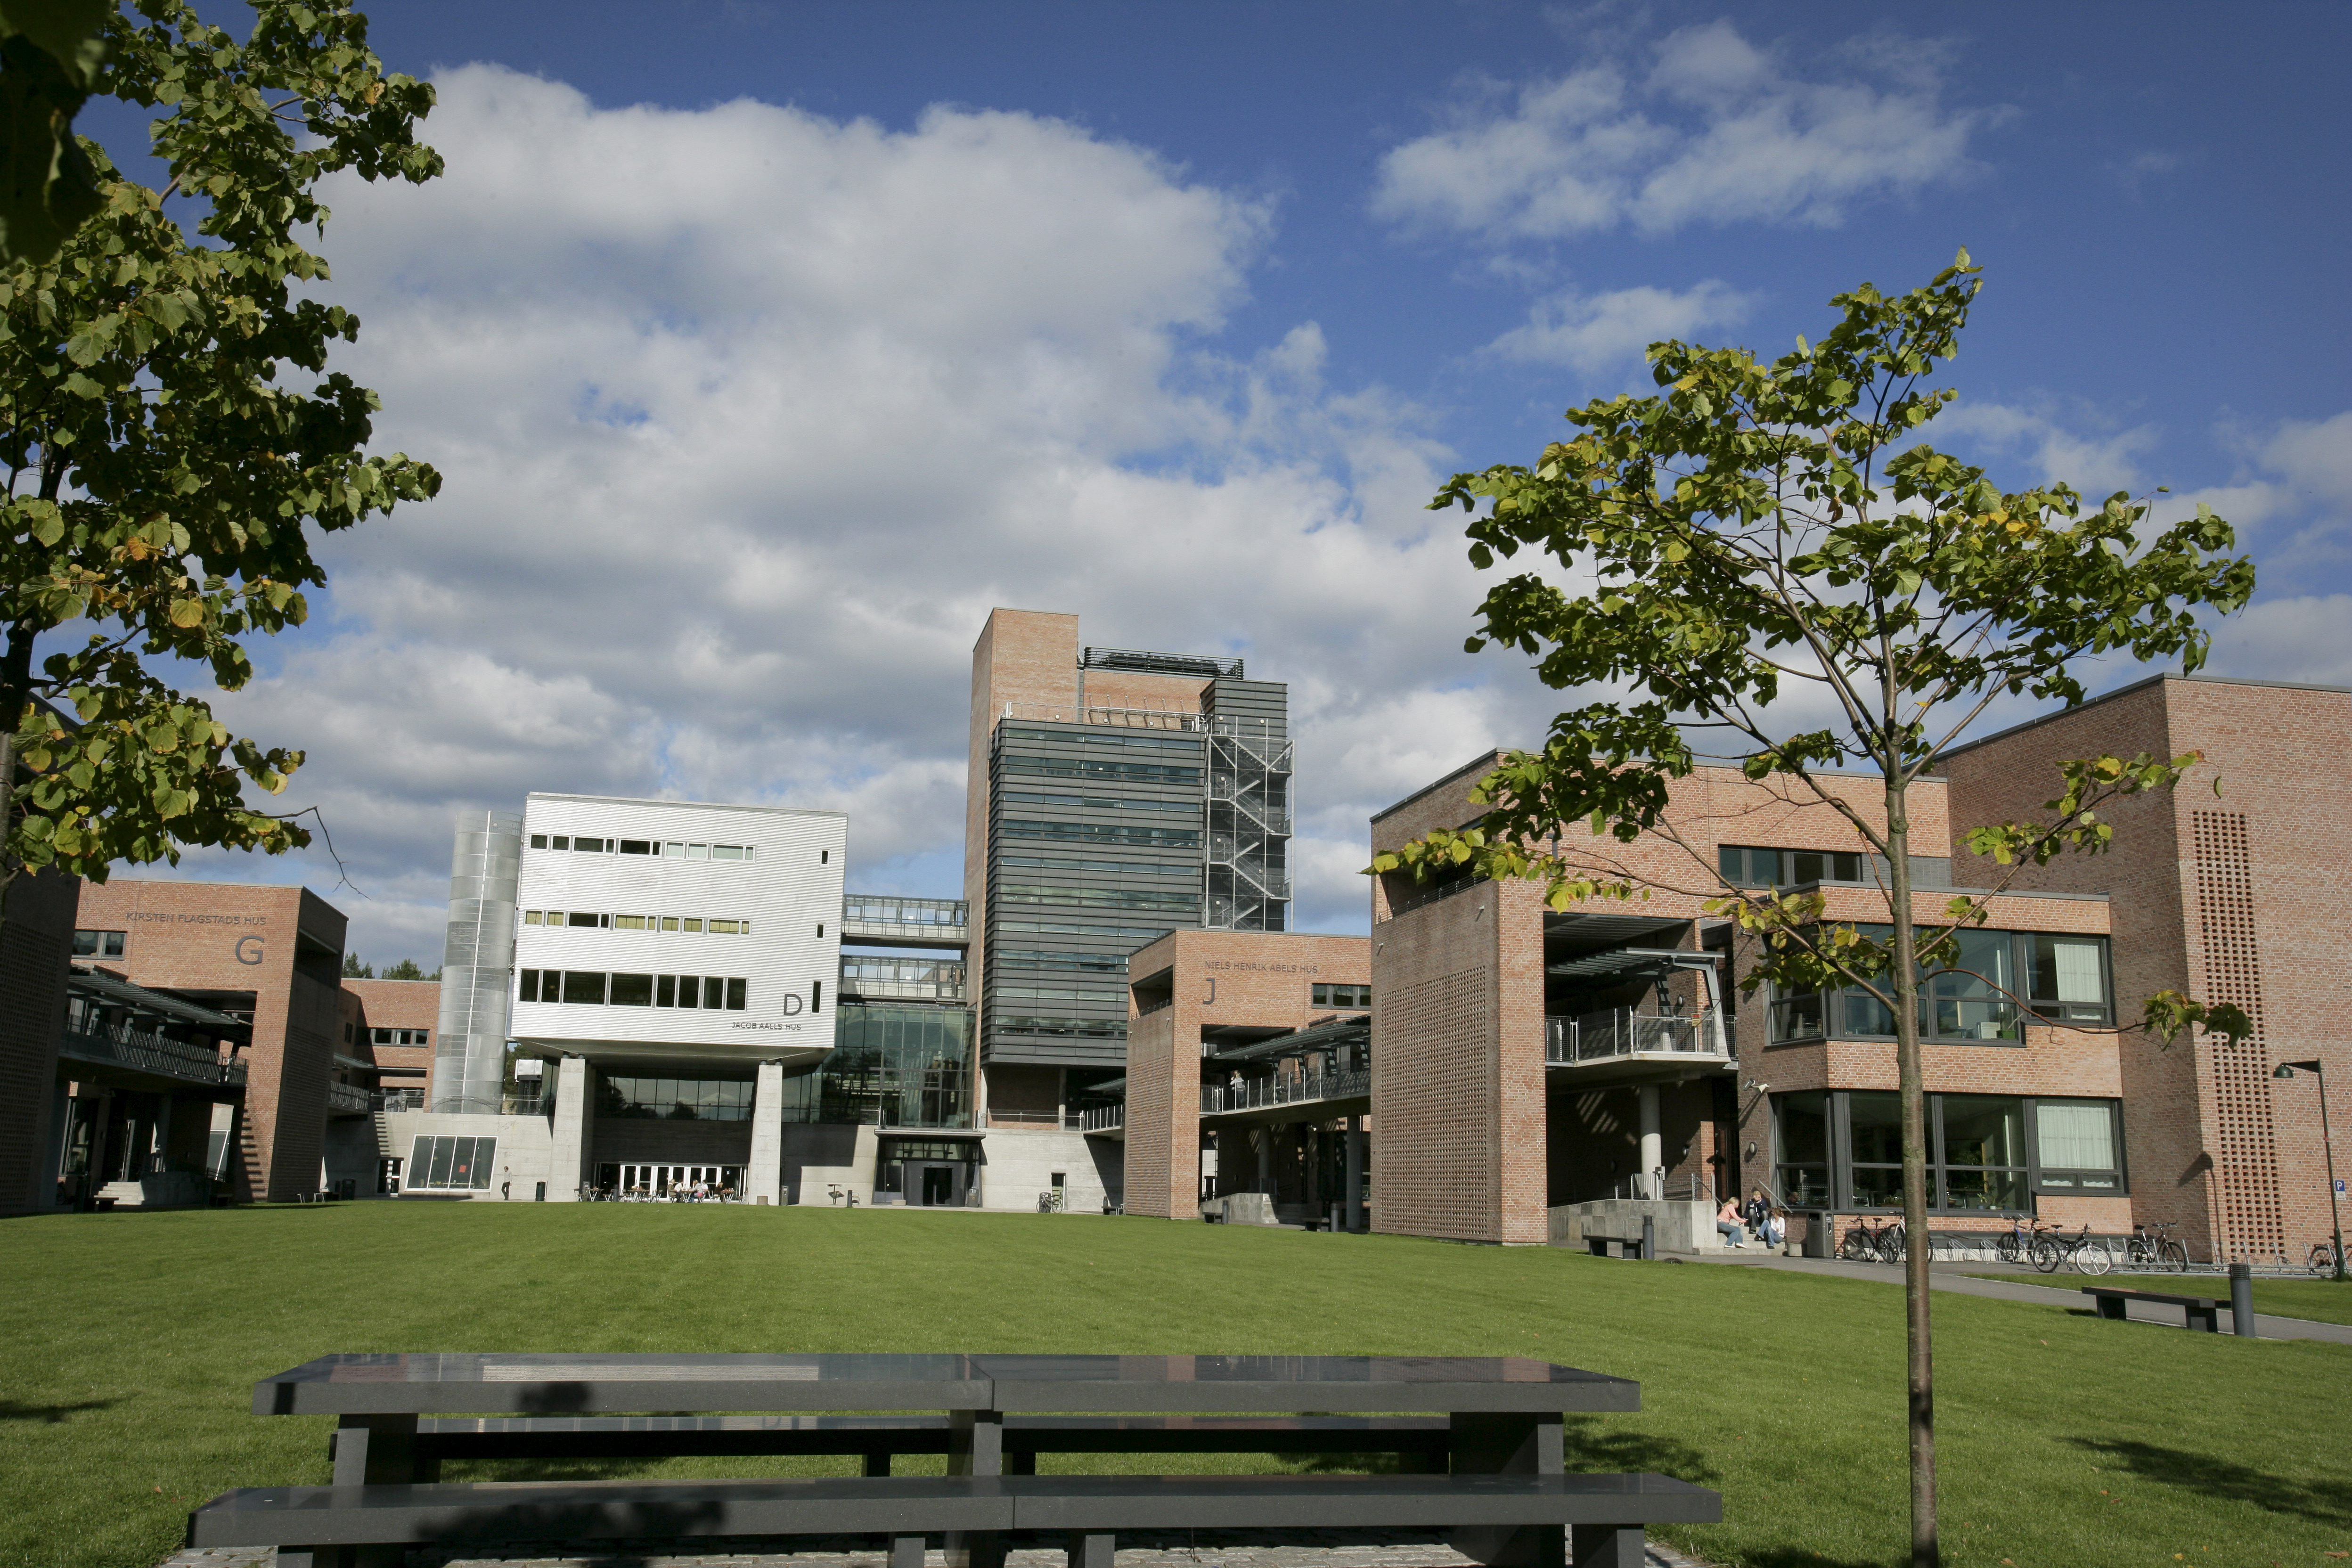 Universitet i Agder i Kristiansand auka nynorskinnslaget på nettsidene sine frå 4,3 til 5,1 prosent i fjor. Foto: Tor Erik Schrøder / NTB scanpix / NPK